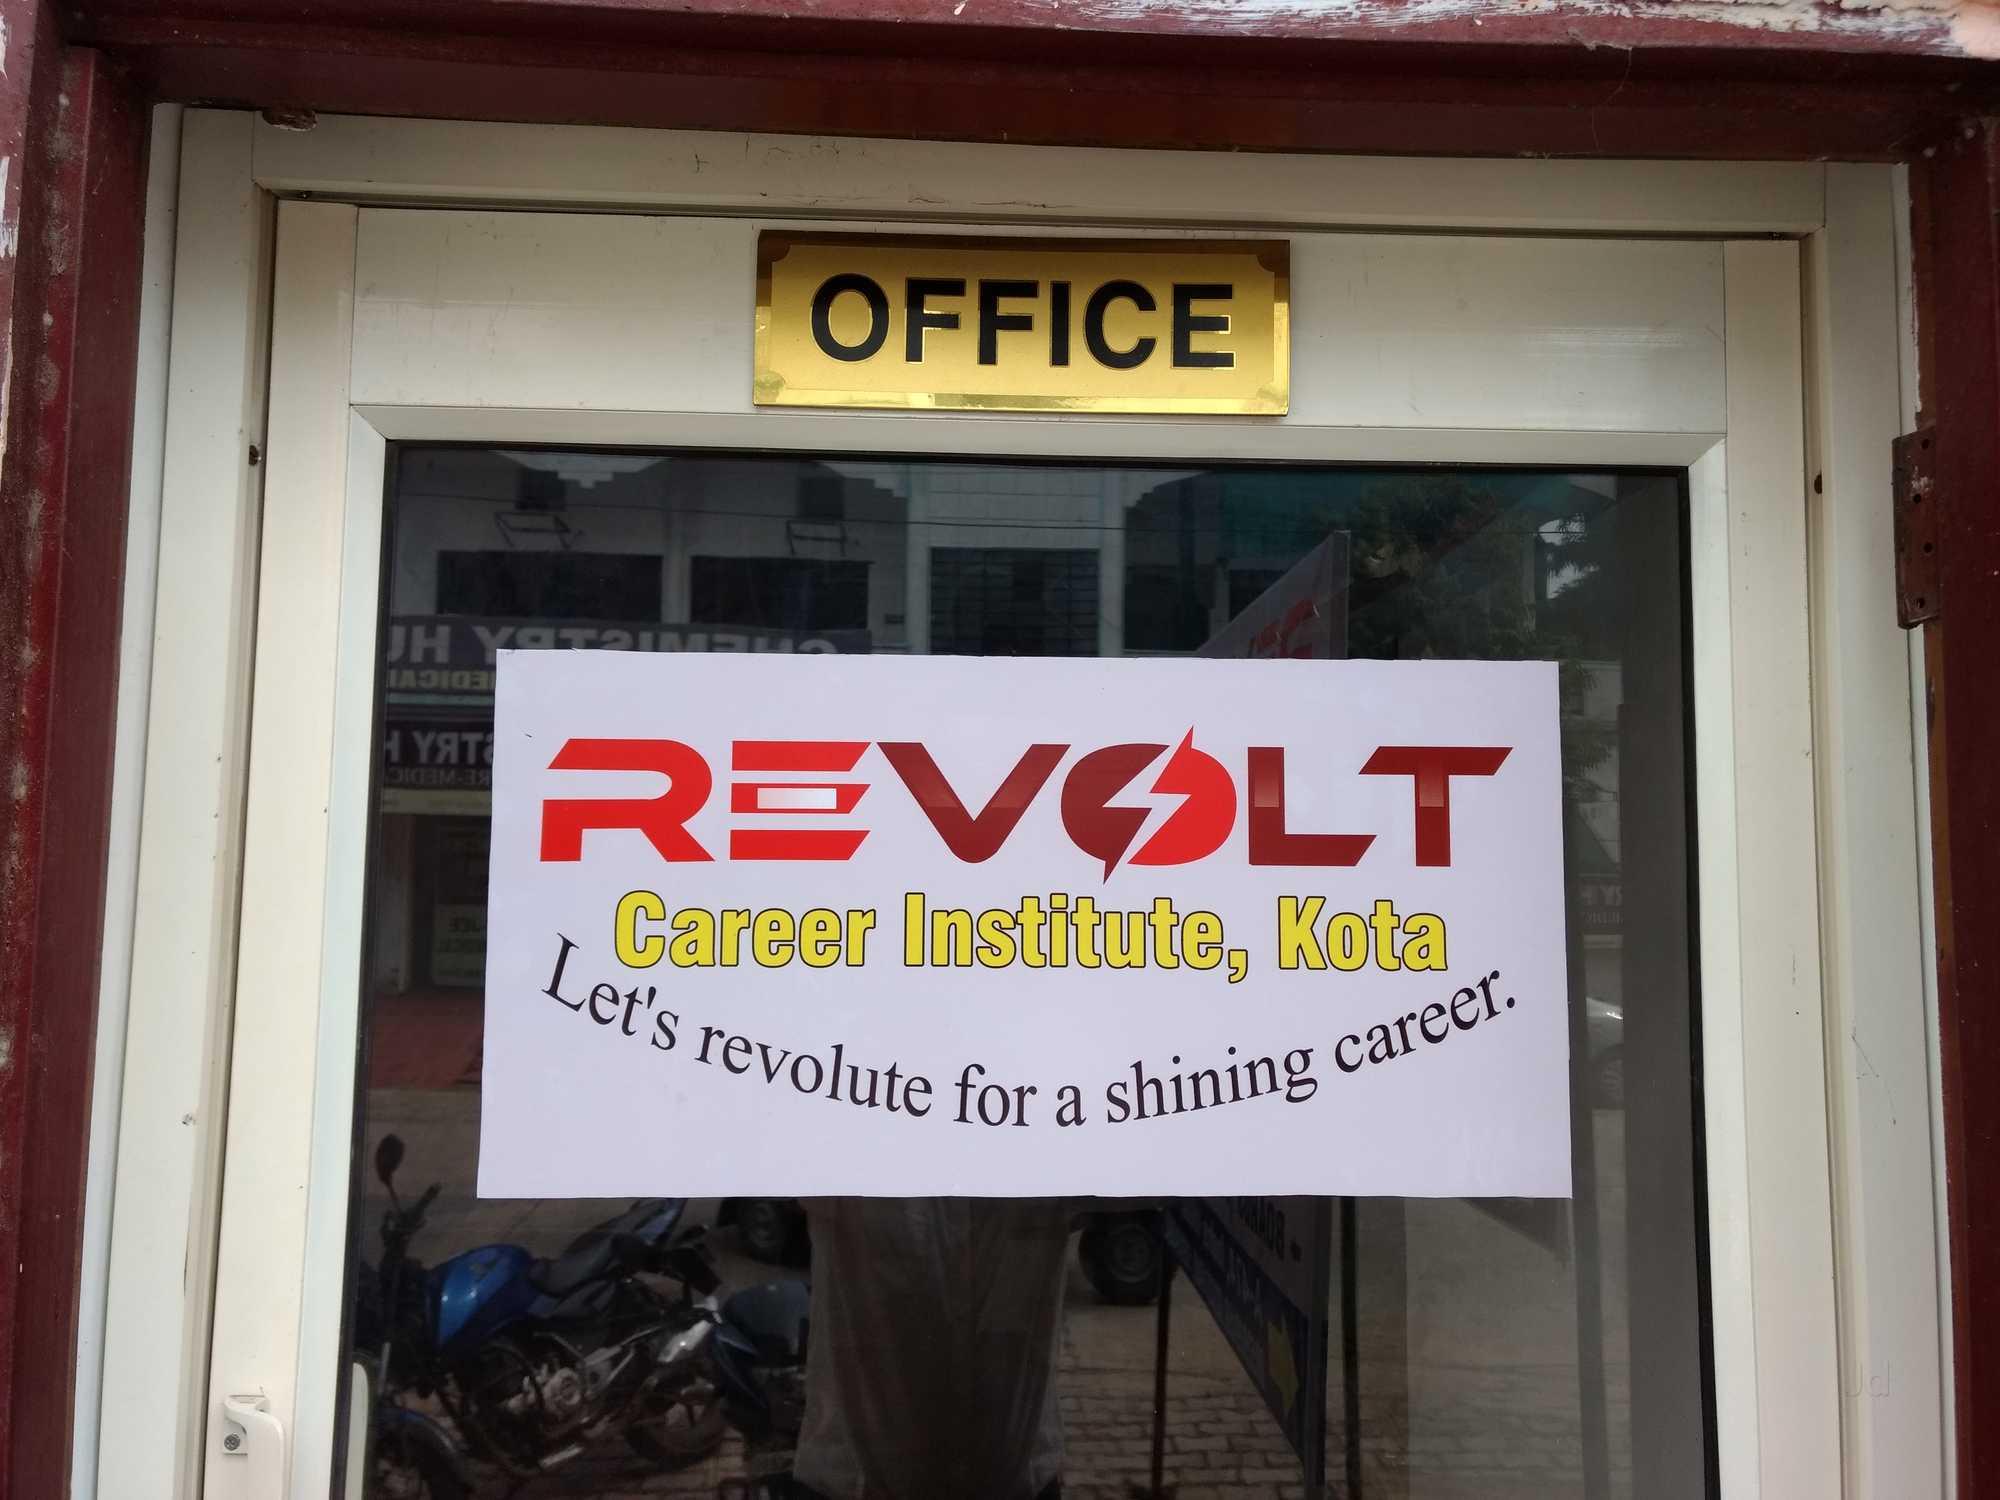 Revolt Career Institute